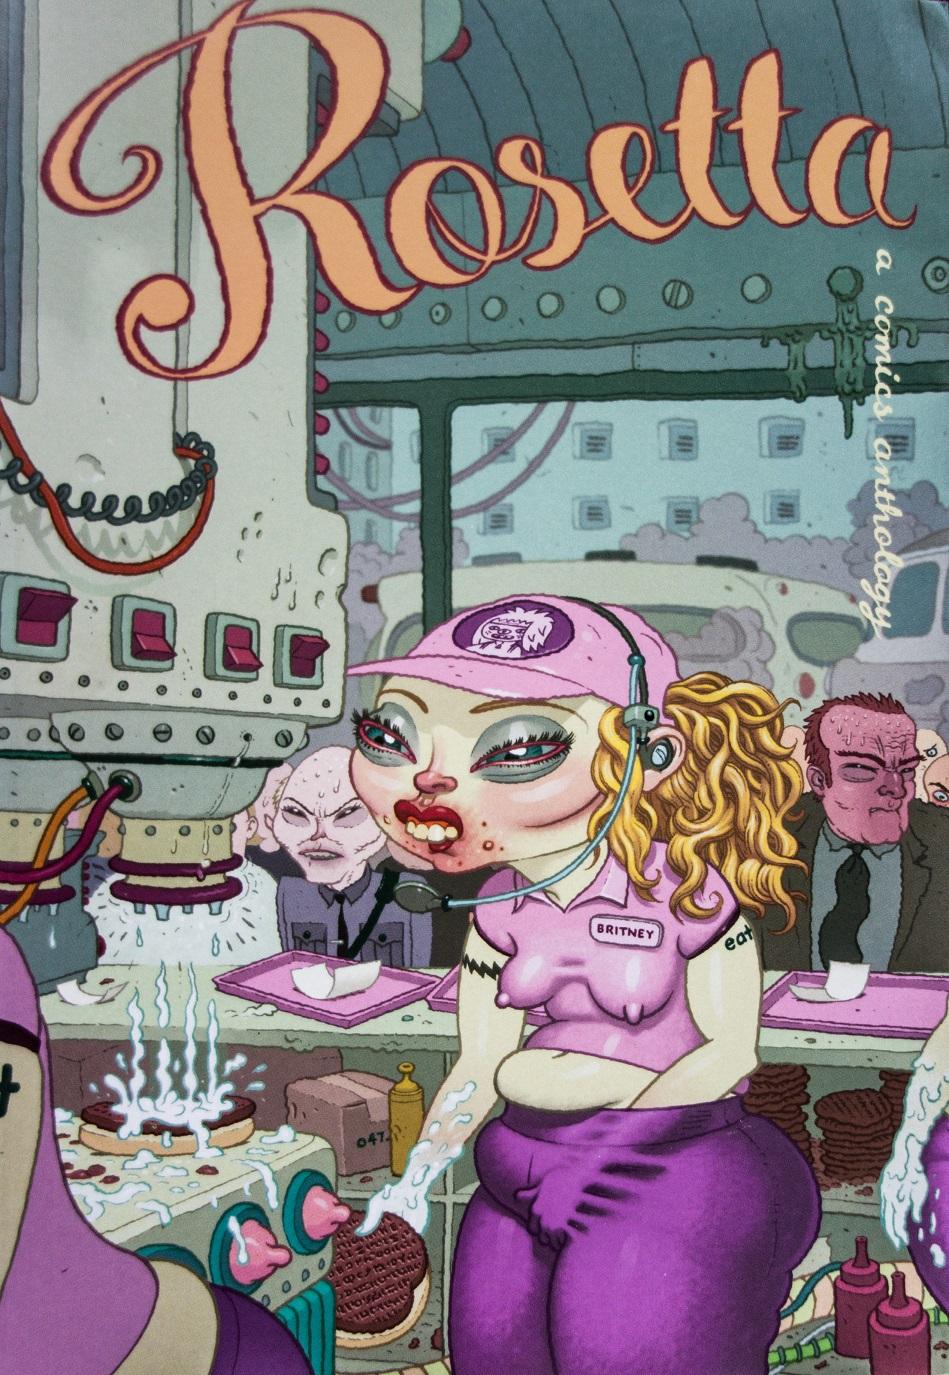 Rosetta - a comics anthology